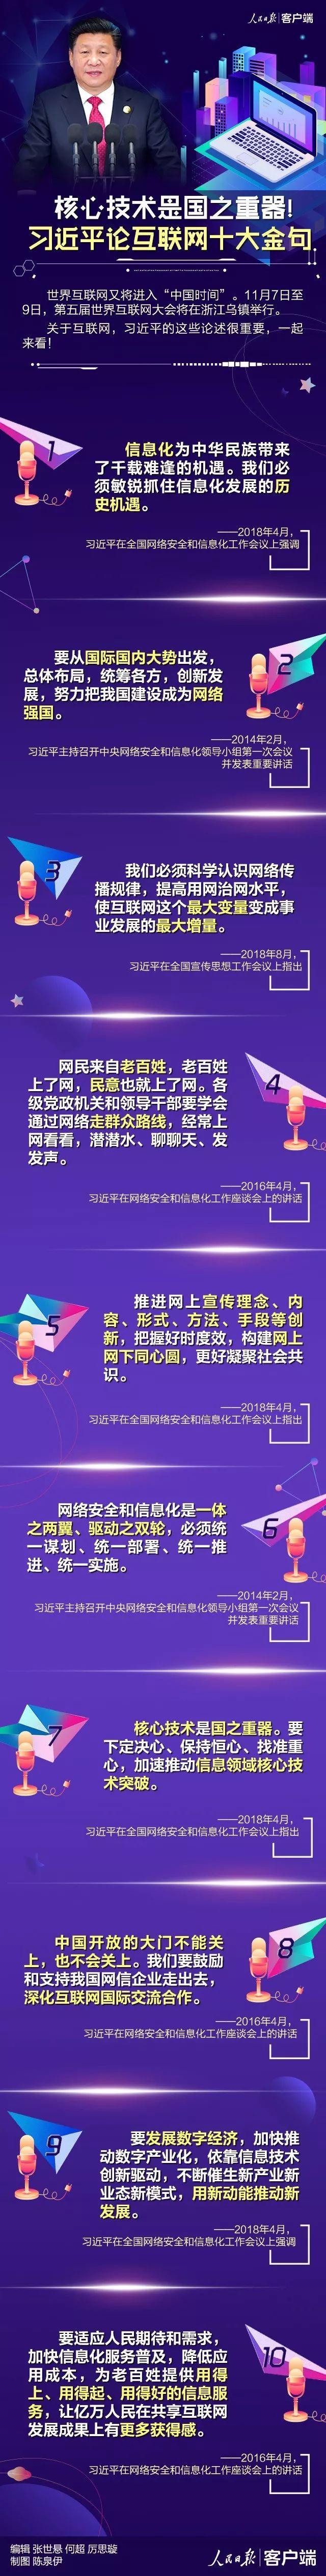 习近平向第五届世界互联网大会致贺信